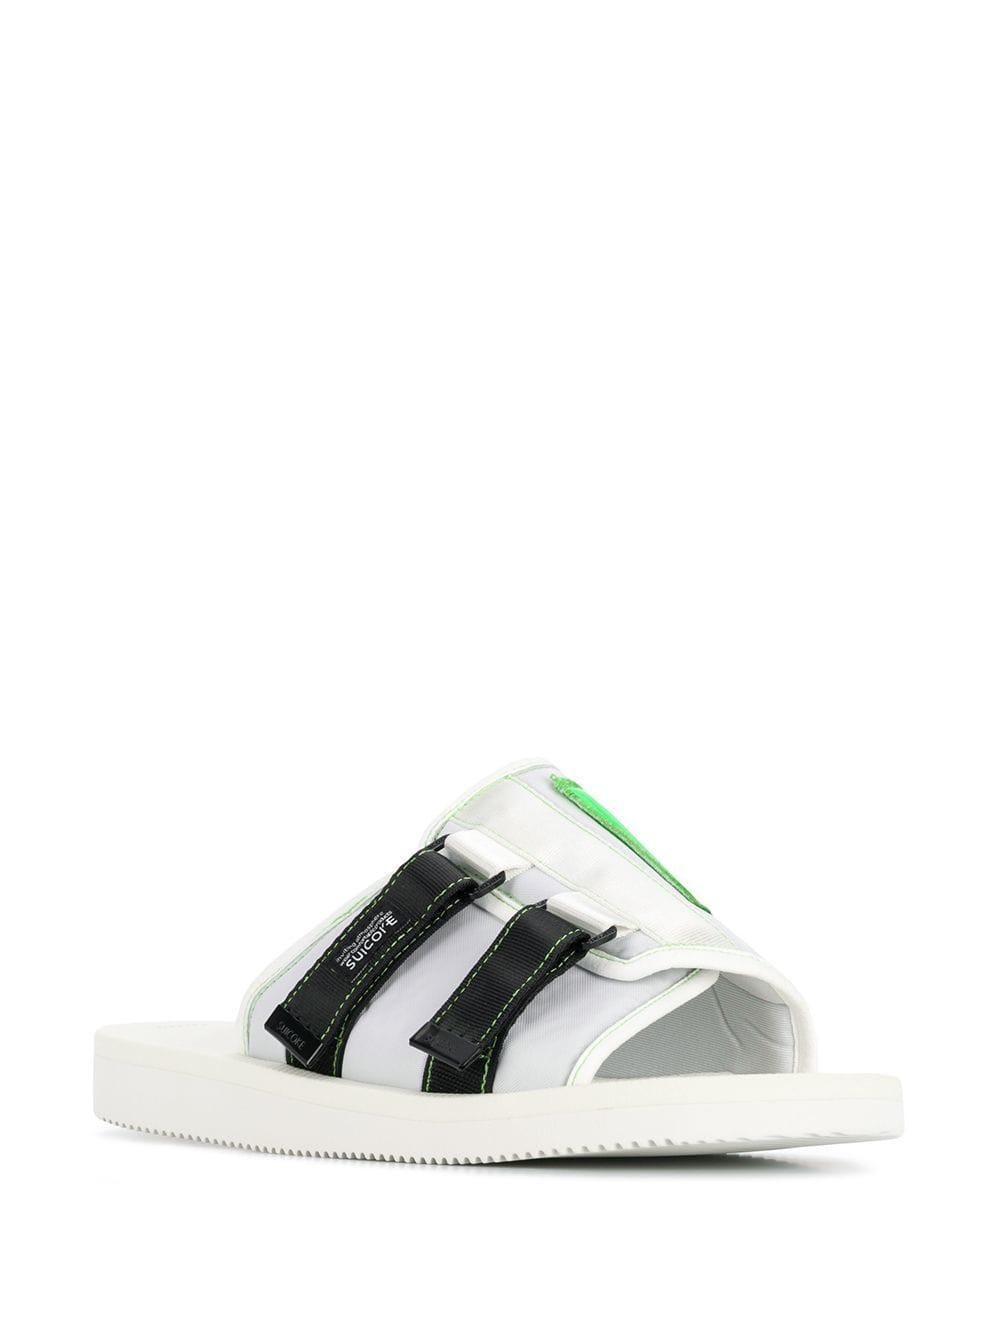 c36c4399044d Lyst - Palm Angels Strap-embellished Slides in White for Men